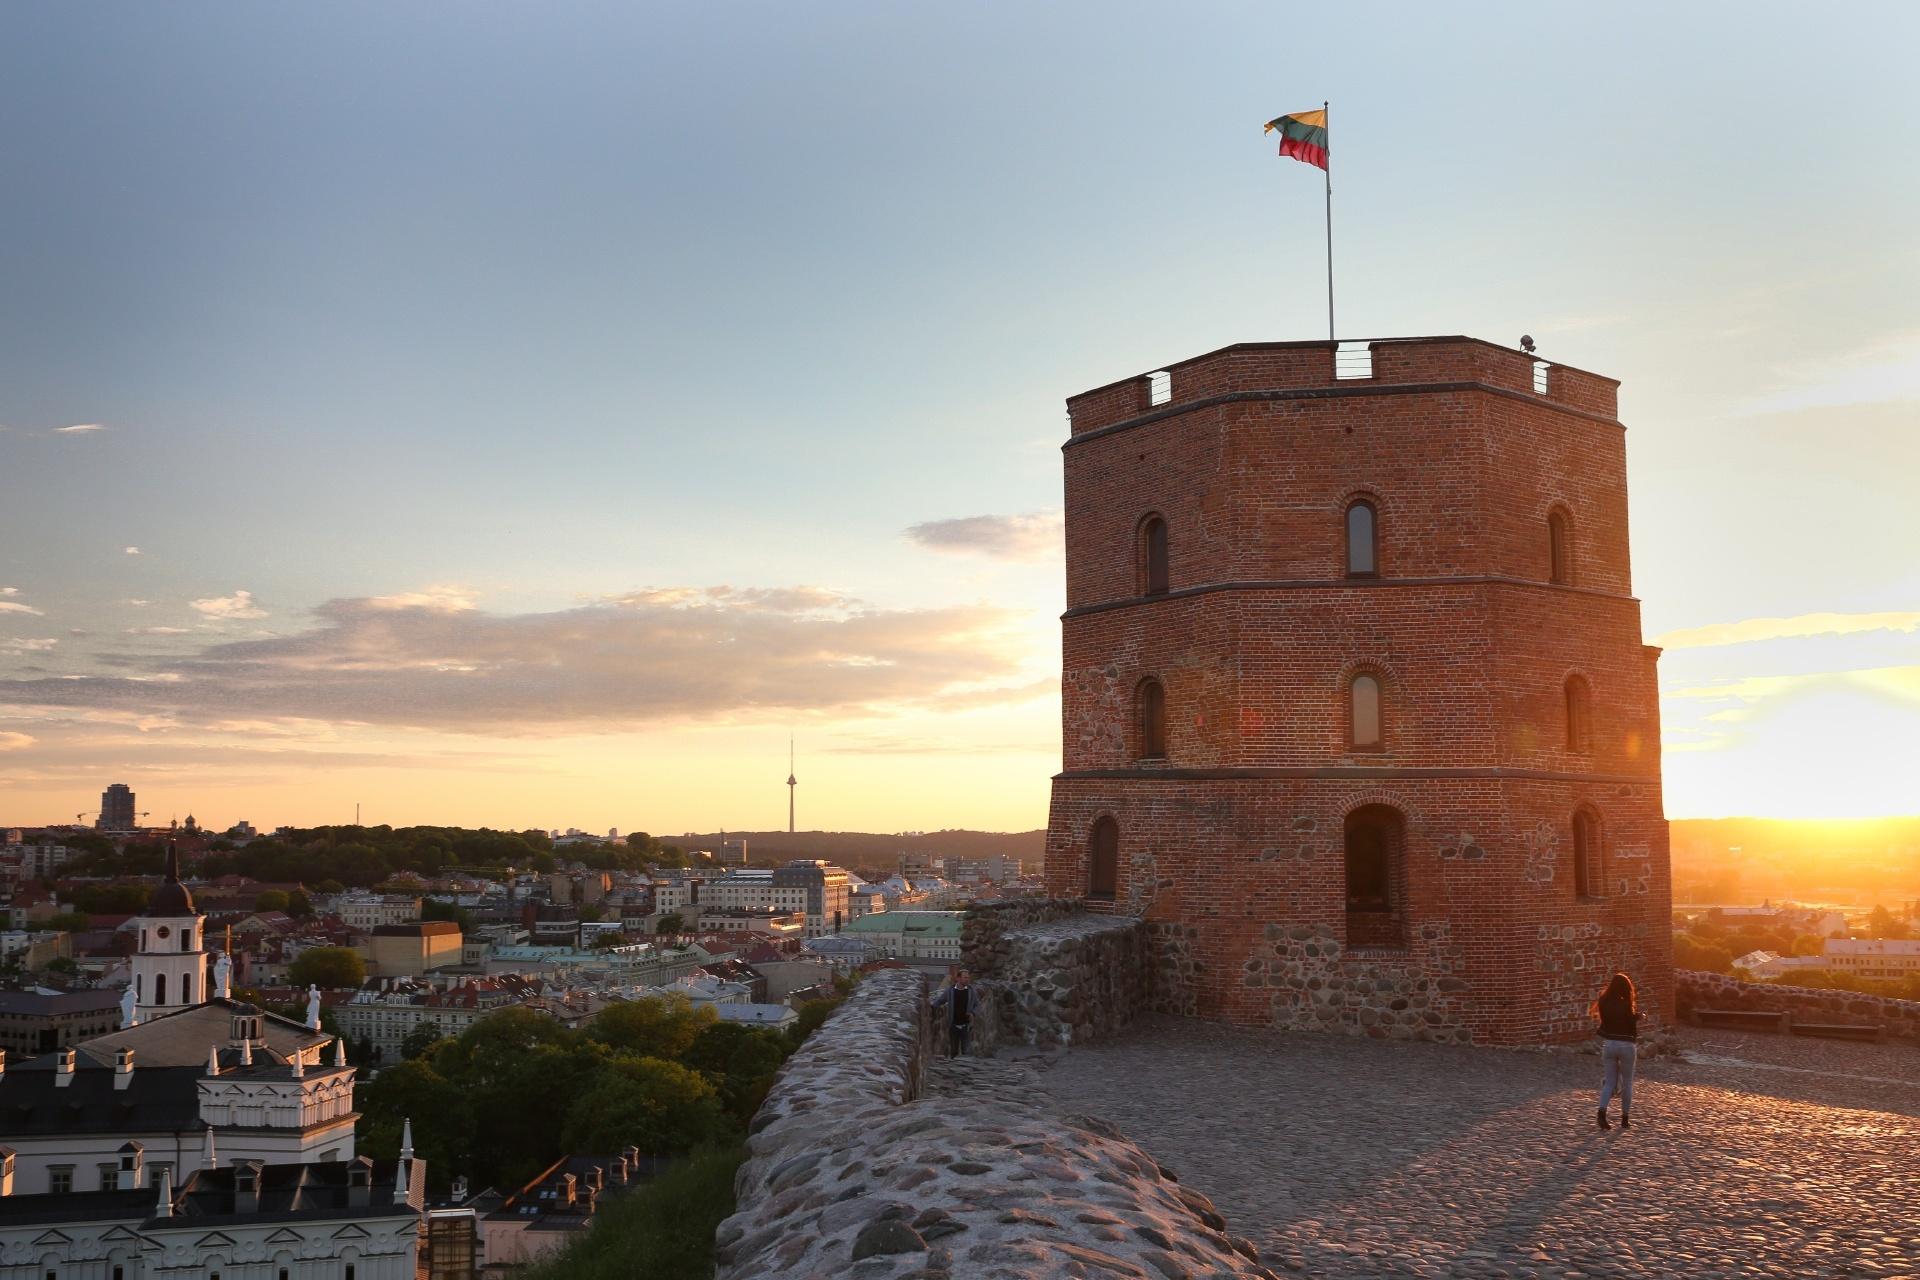 夏の夕暮れのヴィリニュス ゲディミナス塔とヴィリニュスの街並み リトアニアの風景